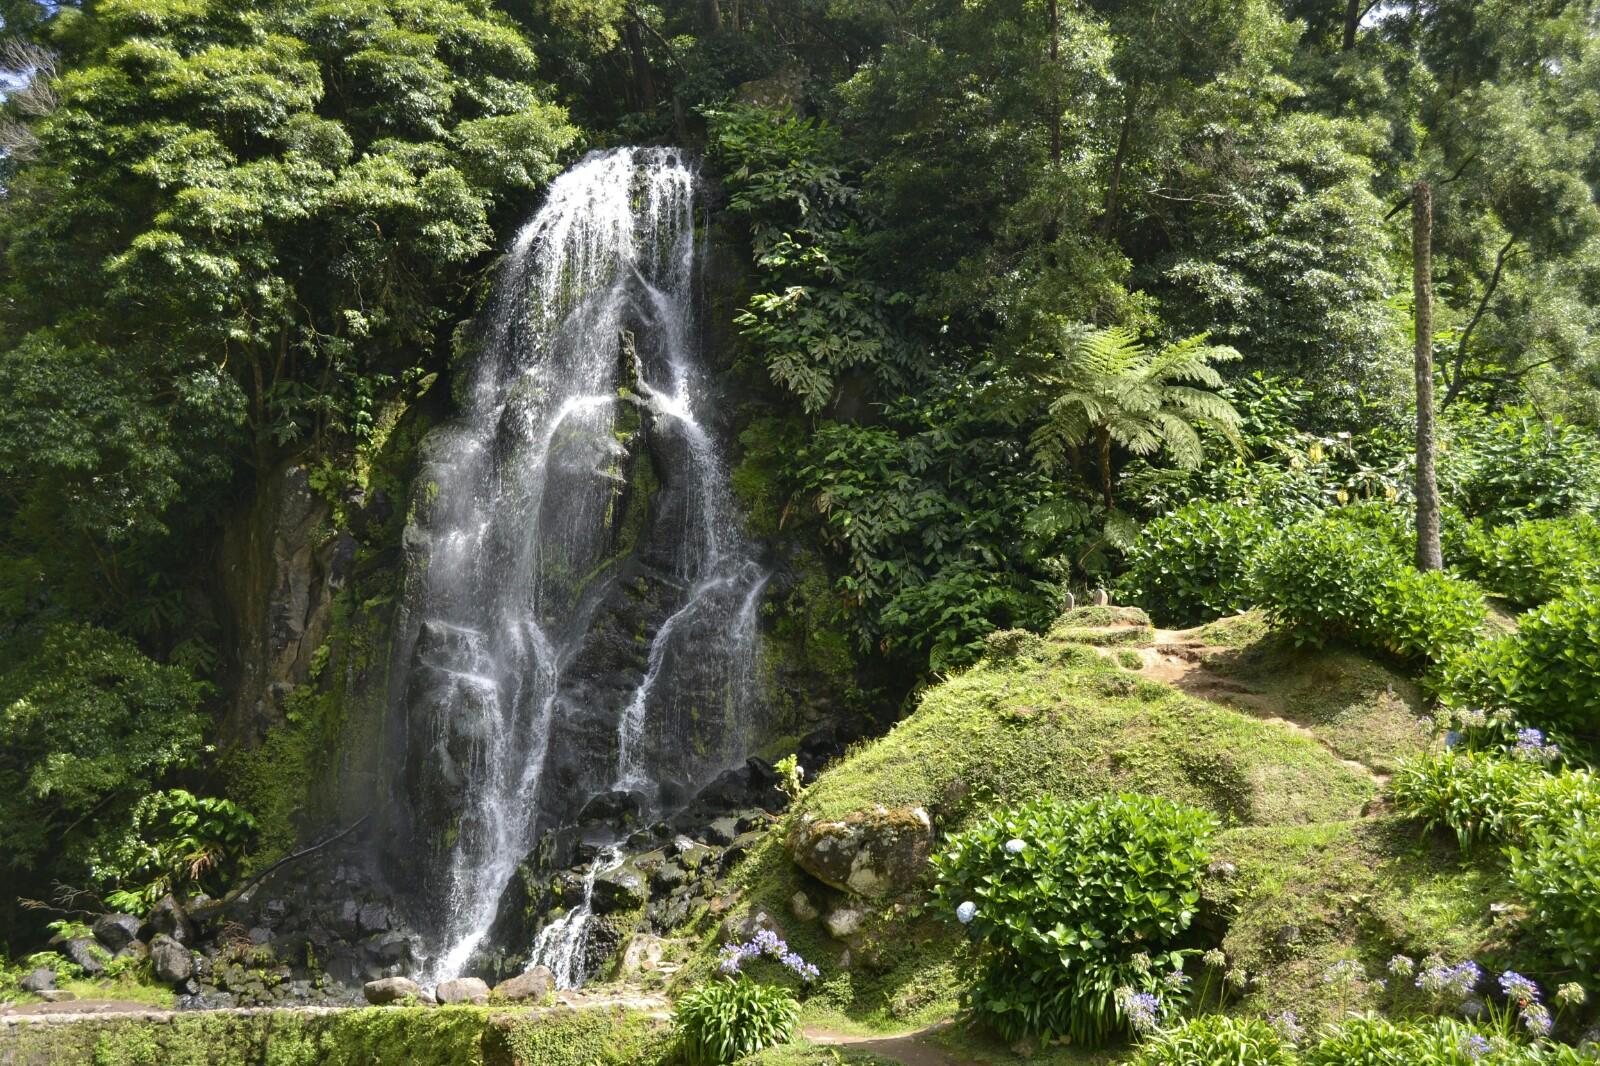 azores sao miguel ribeira dos caldeiroes - Ribeira dos Caldeirões-Azores islands-Portugal